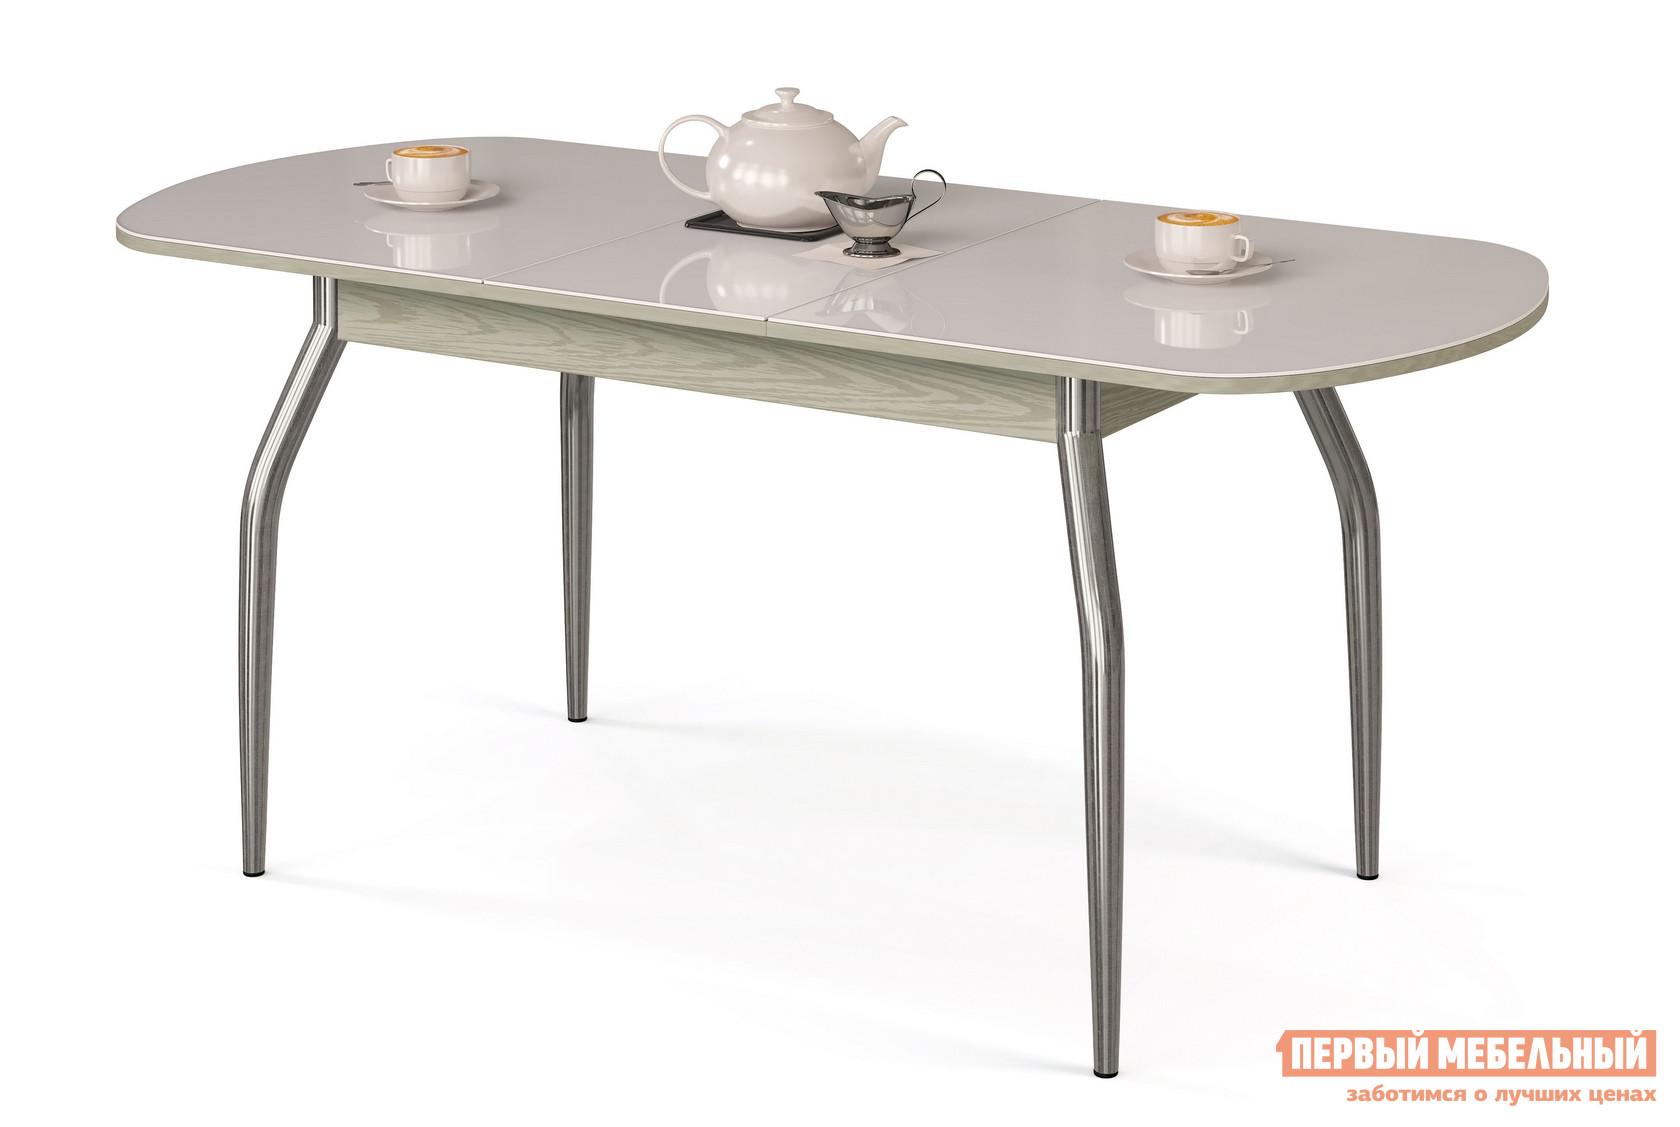 Фото Кухонный стол МегаЭлатон Сиена-Стекло Белый, Венге италия. Купить с доставкой